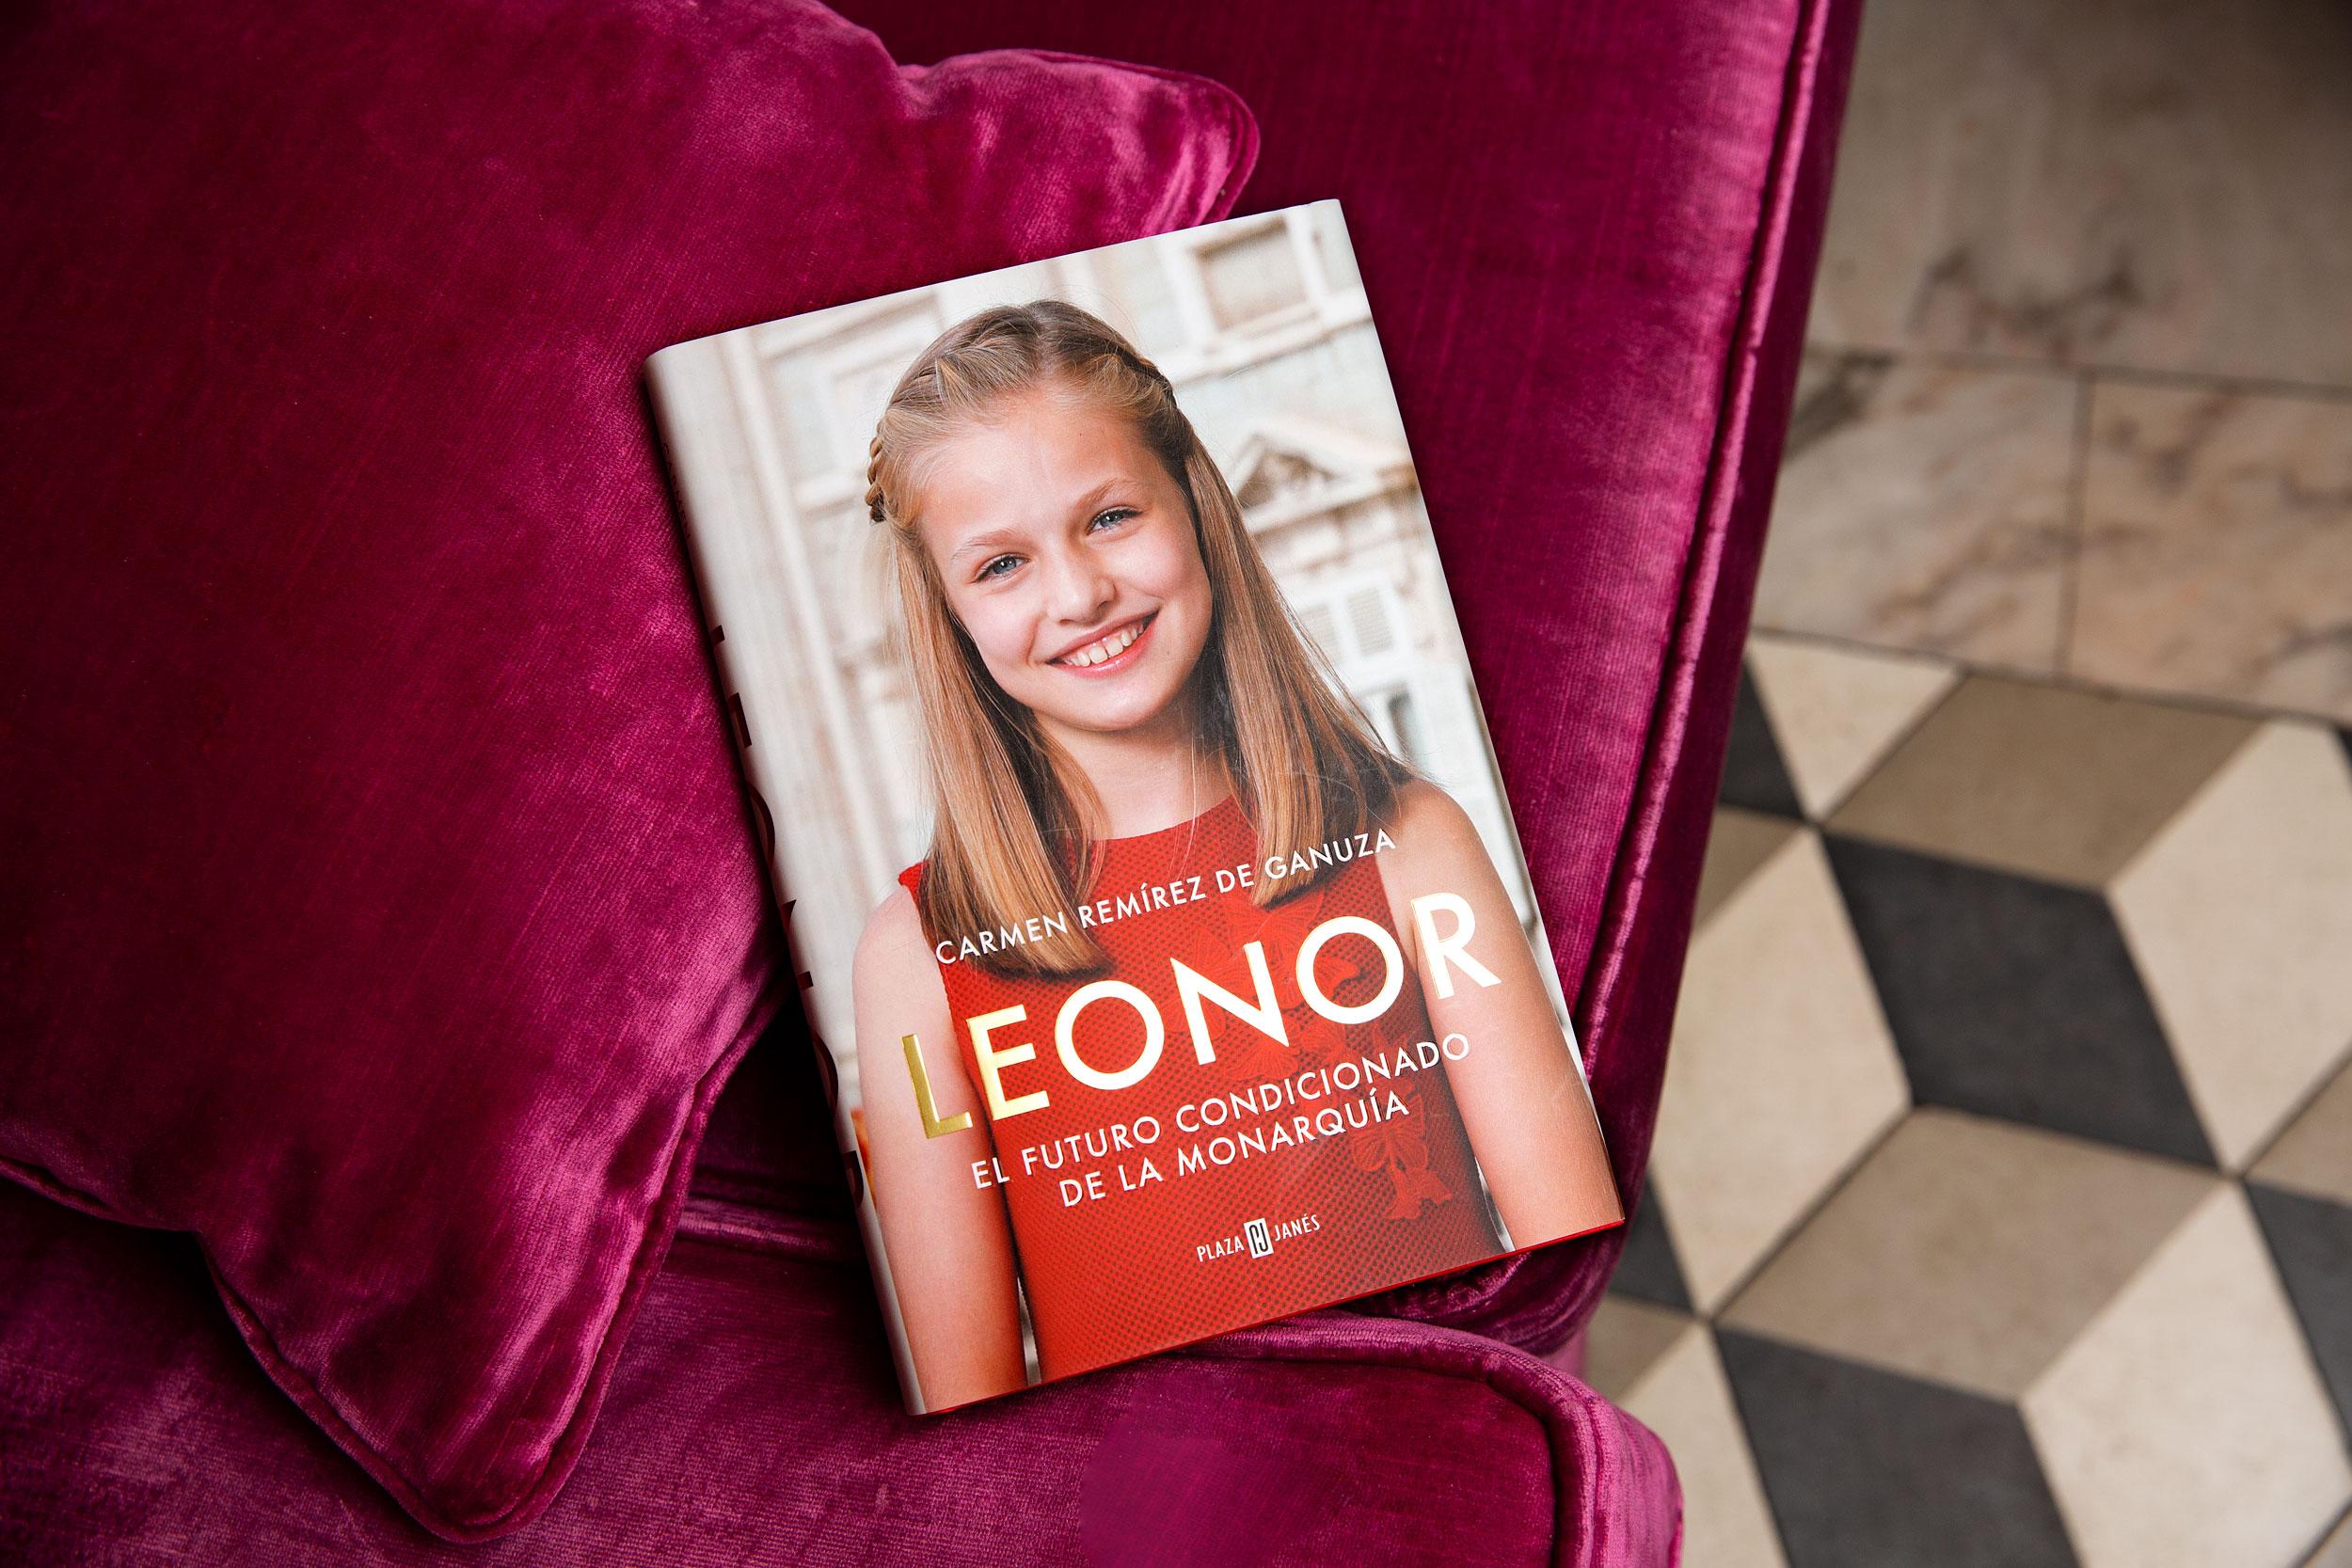 El libro de la princesa Leonor. (Olga Moreno)